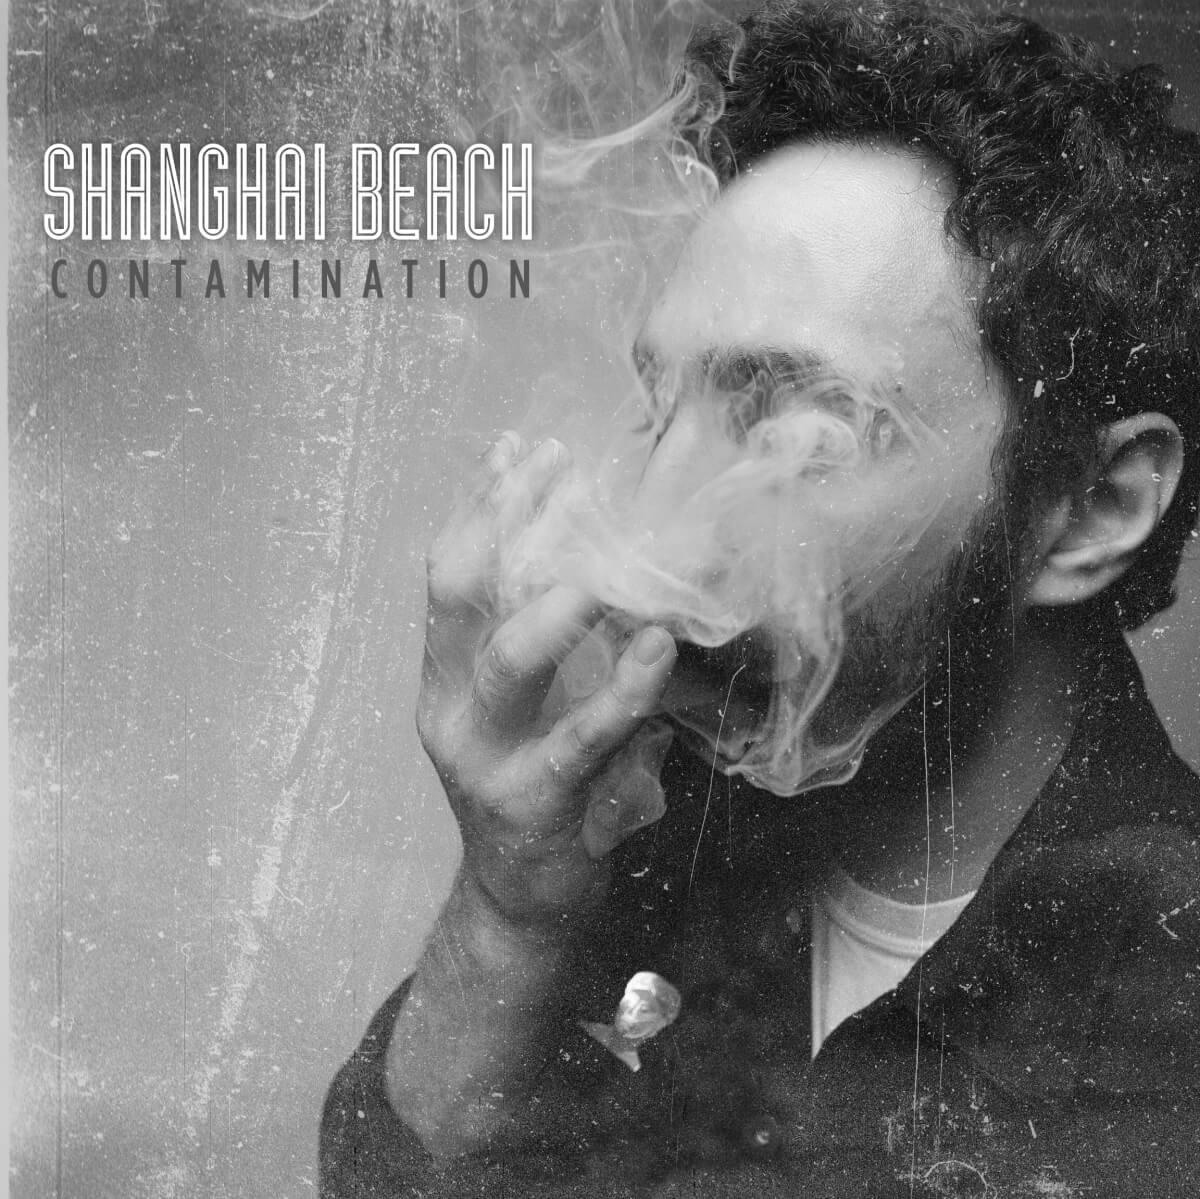 Shanghai Beach – Contamination